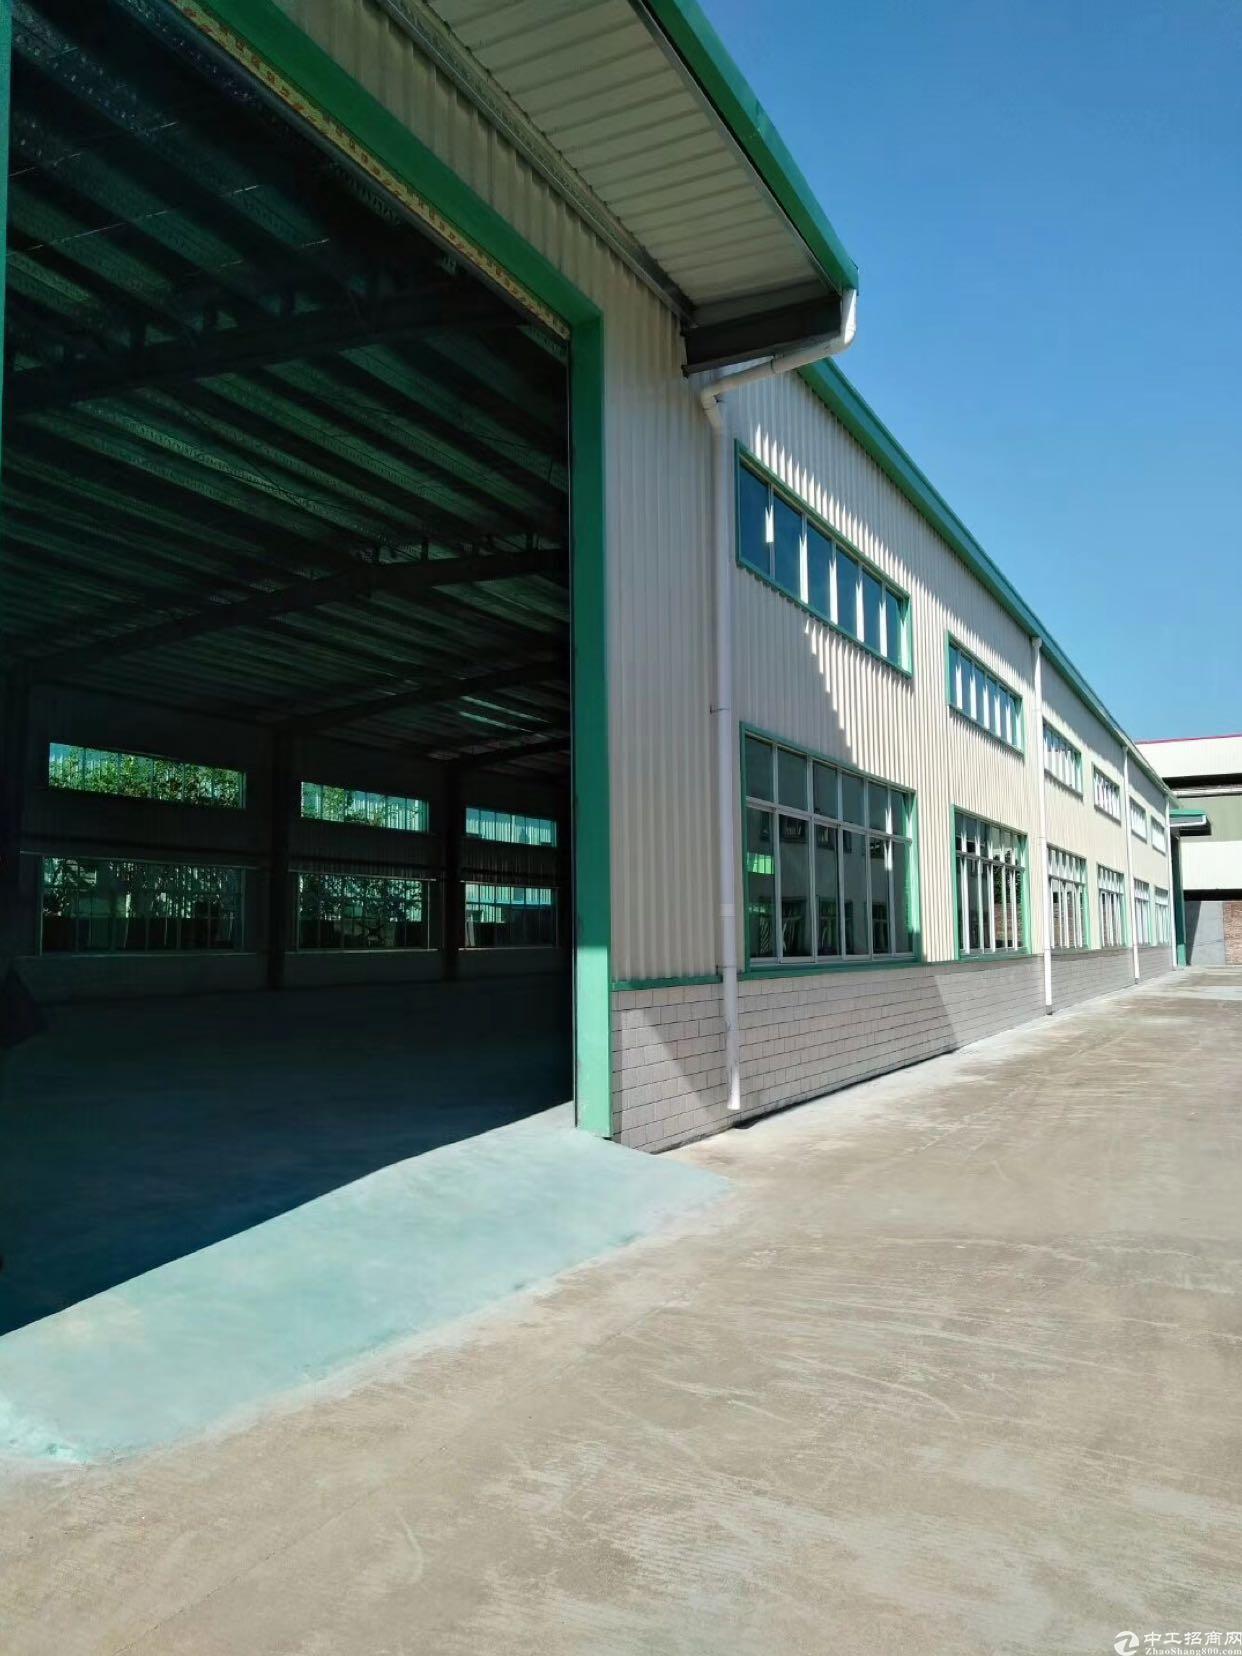 厂房面积3600平方米,宿舍300平方米,